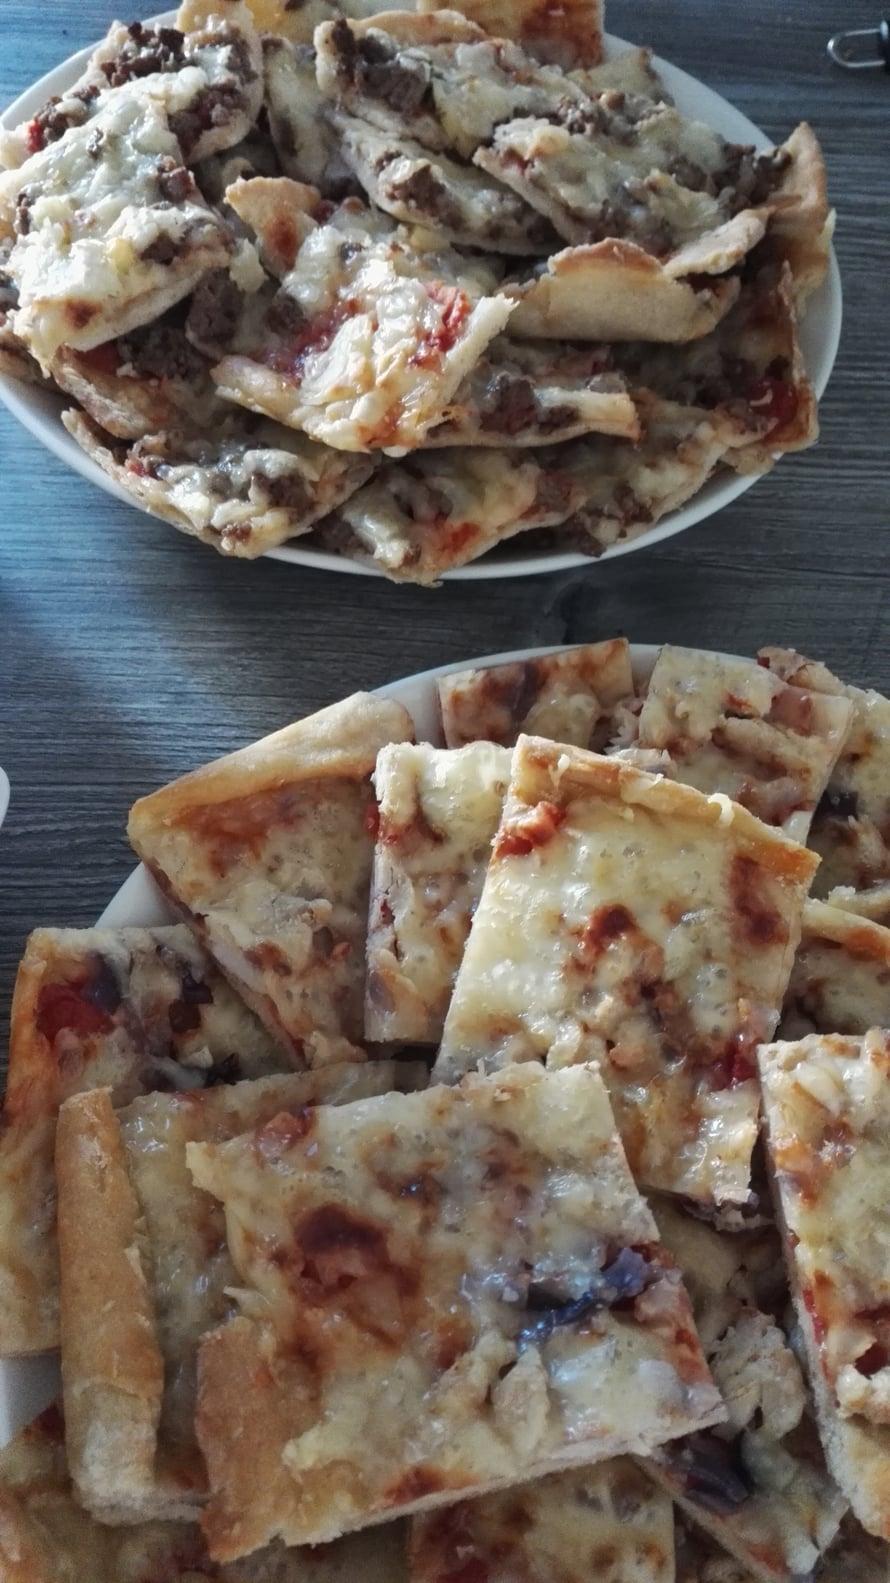 Suolattomat pitsat